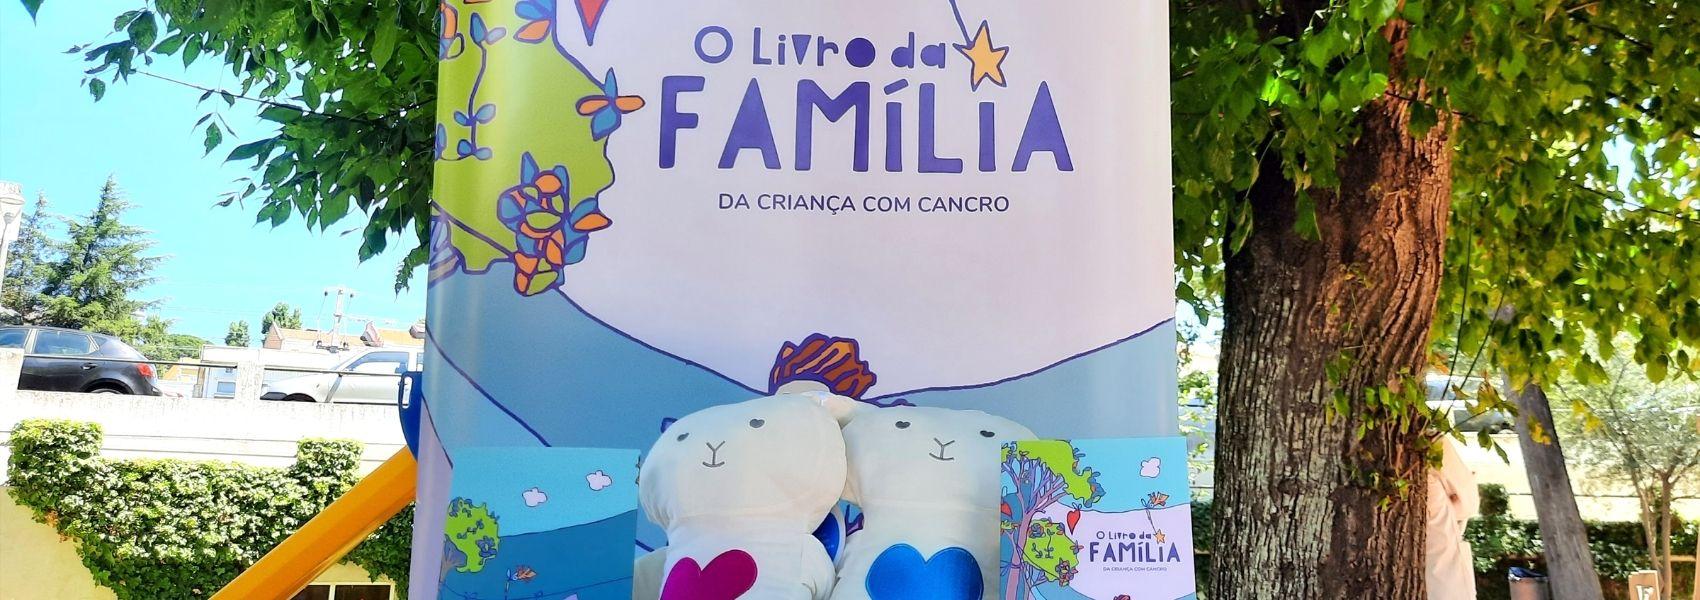 Apresentada nova edição do Livro da Família da Criança com Cancro